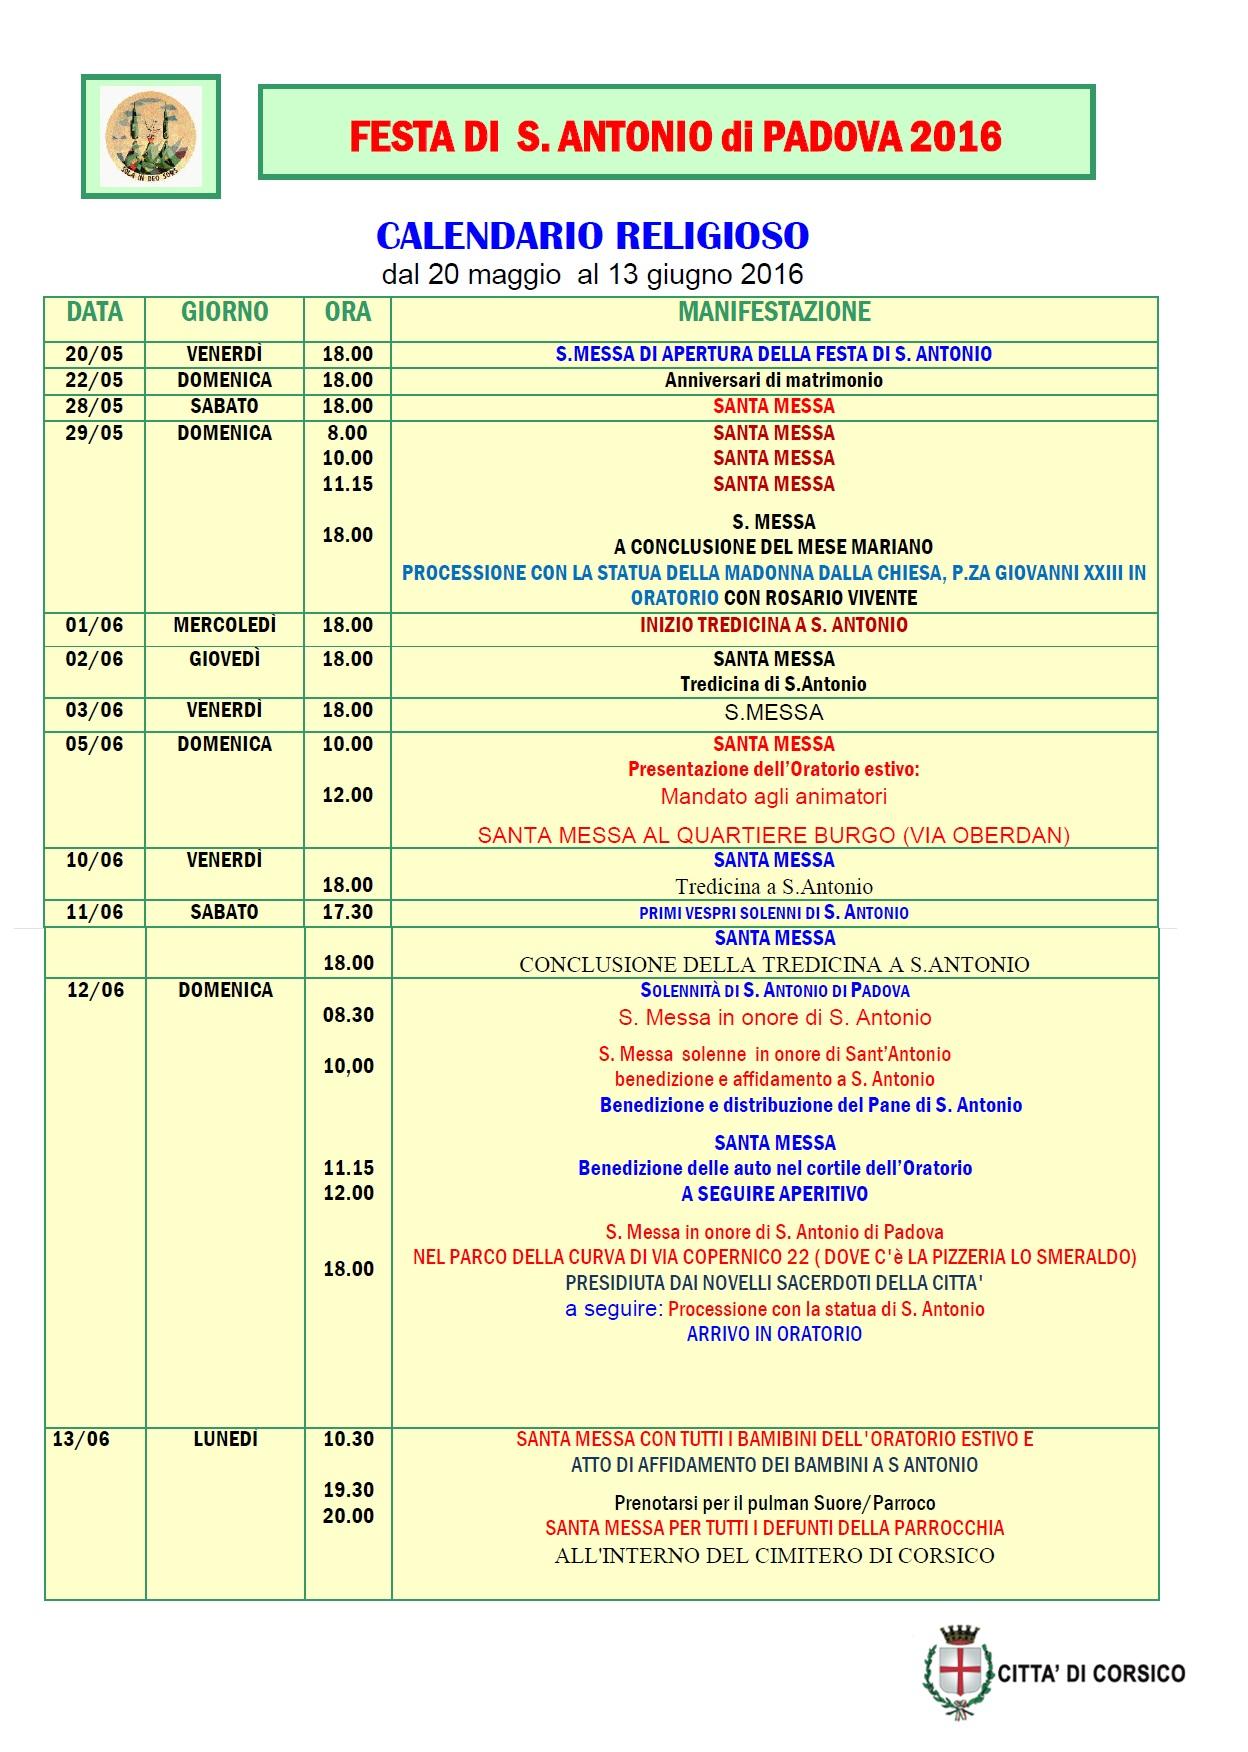 Calendario Religioso.Festa Di S Antonio Citta Di Corsico